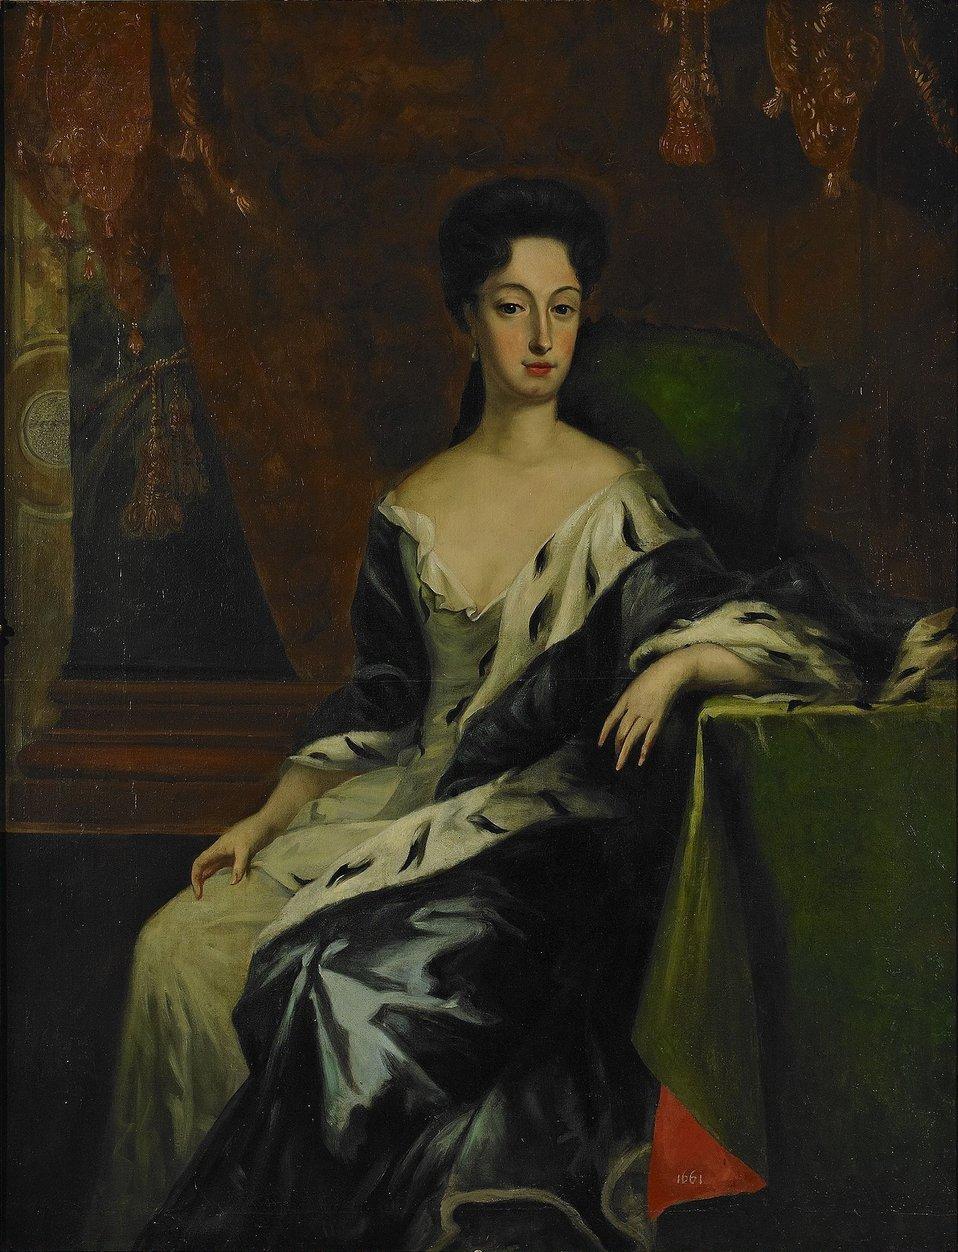 David von Krafft - Porträt der Prinzessin Hedwig Sophia von Schweden, Herzogin von Holstein-Gottorf.jpg